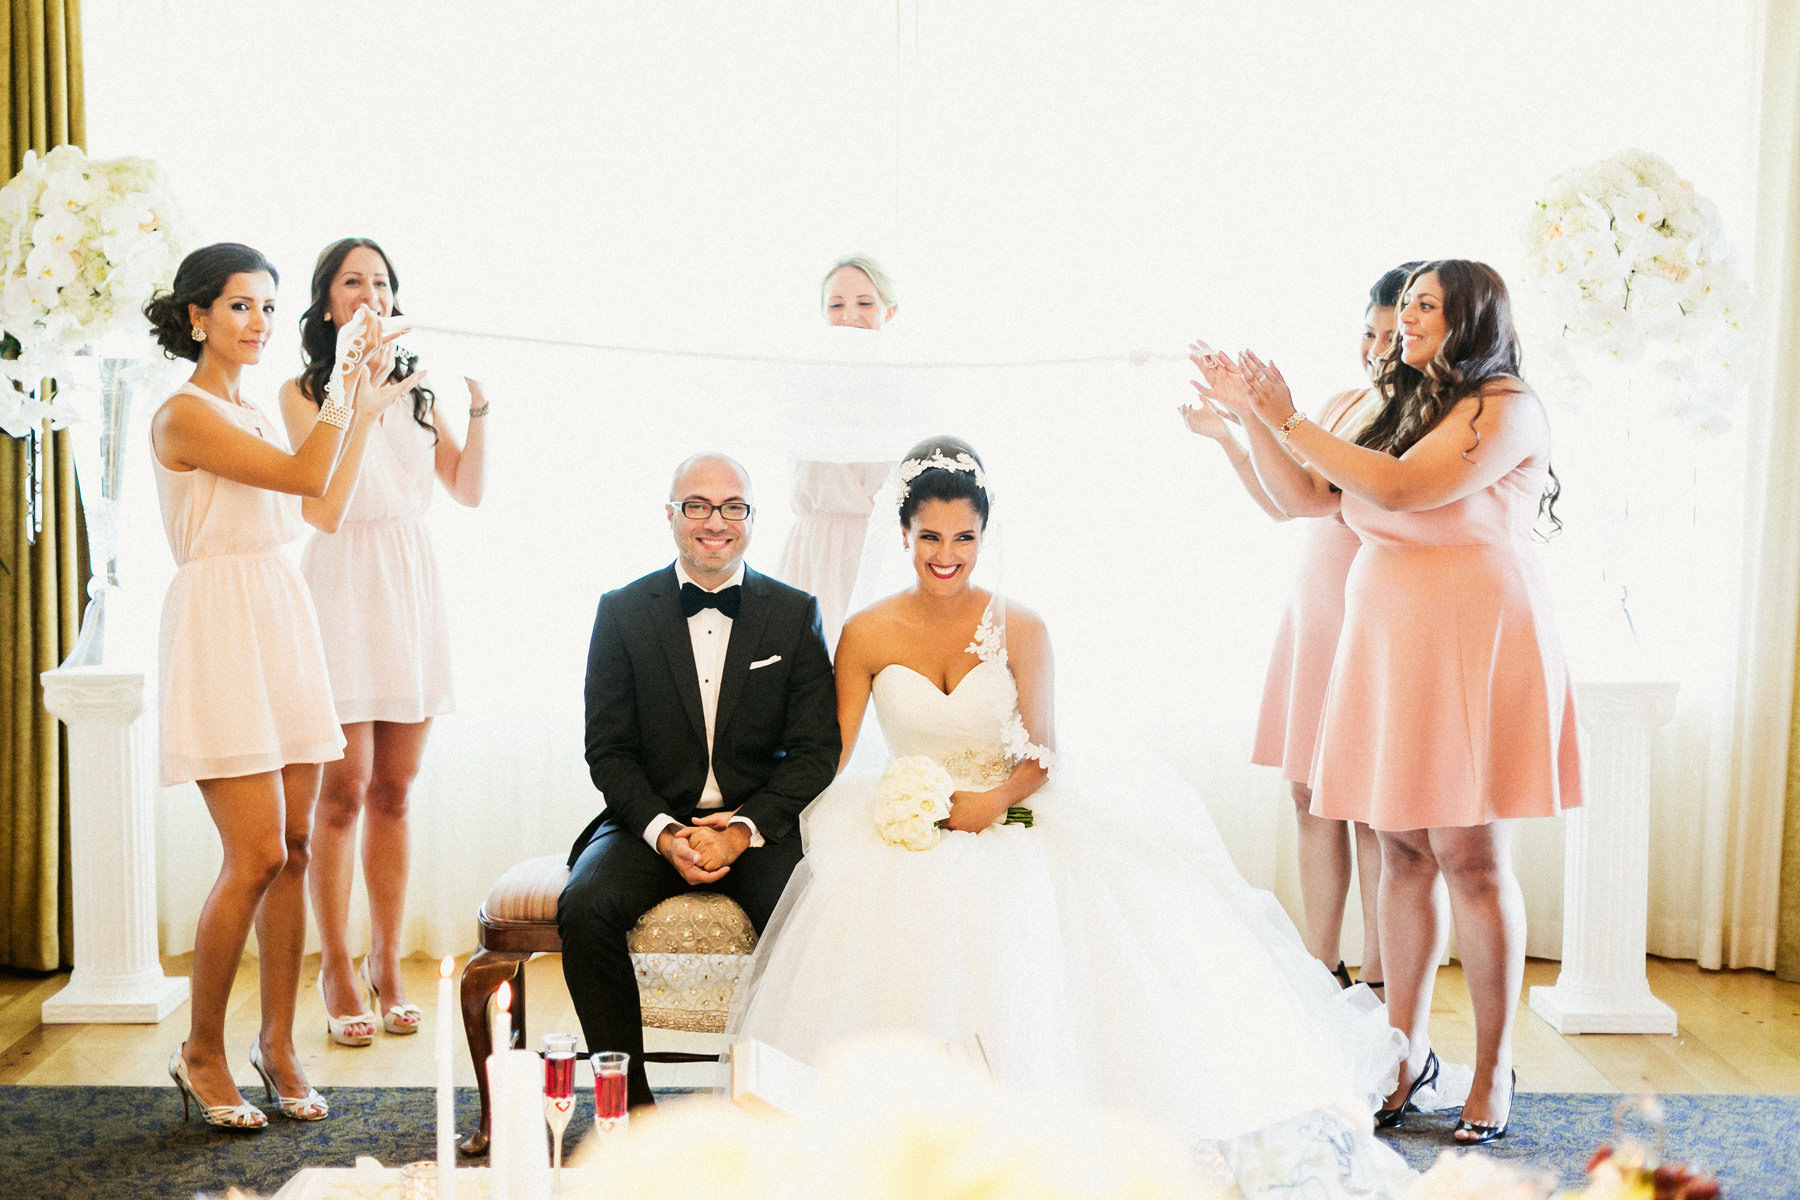 5-Persian Wedding Ceremony